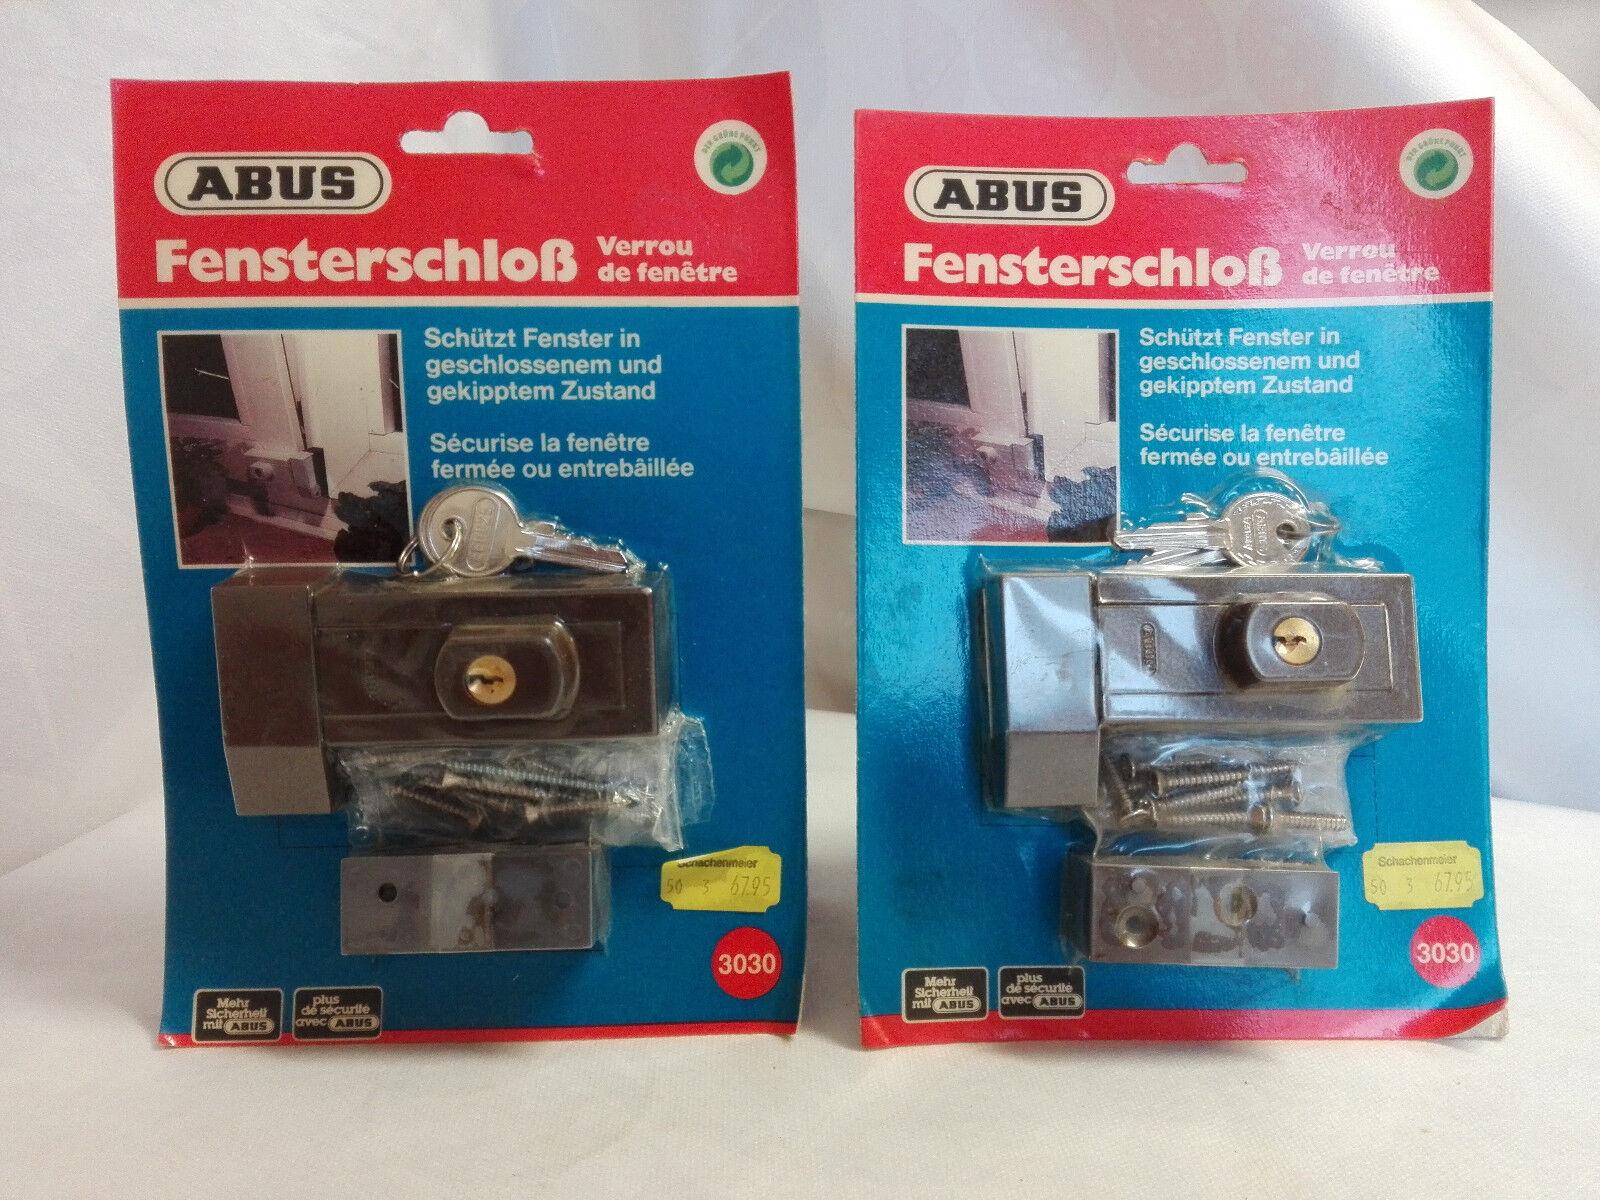 ABUS Fensterschloß 3030 braun hohe Sicherheit Neu und OVP Paketpreis möglich